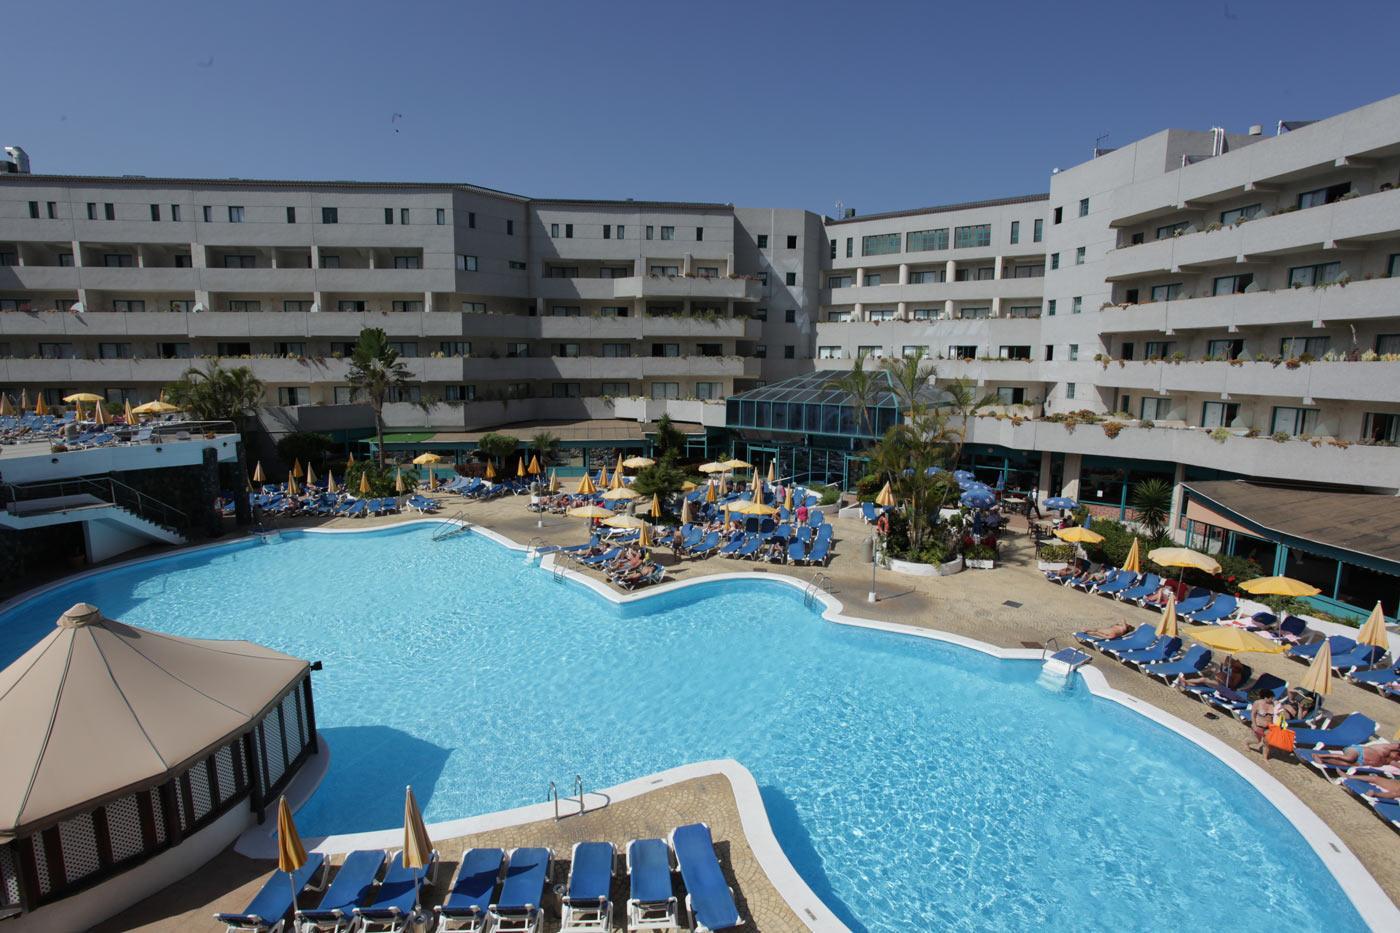 Hotel apartamentos turquesa playa en puerto de la cruz viajes carrefour - Apartamentos playa baratos vacaciones ...